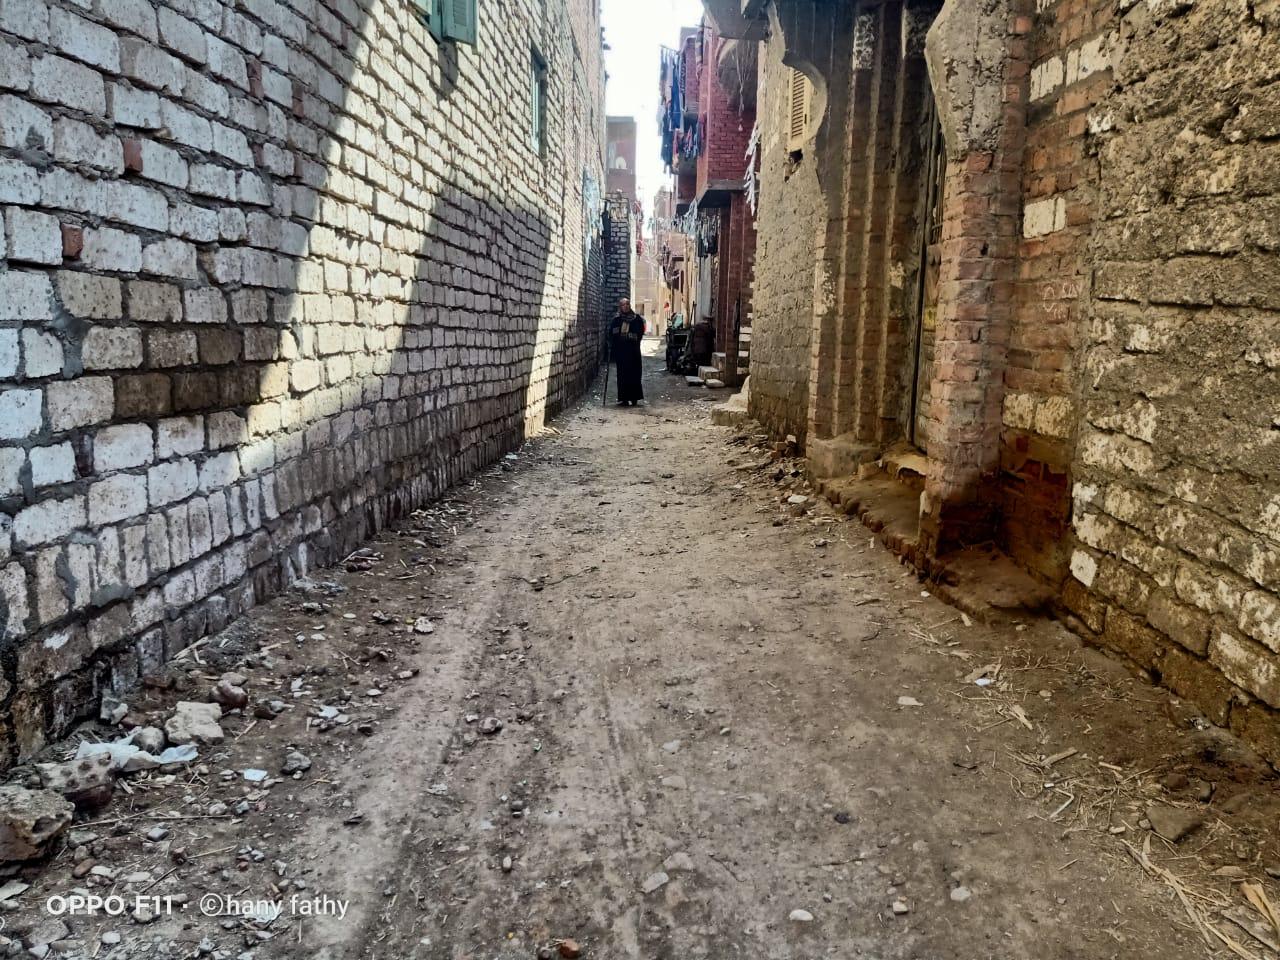 قرية نزلة الزاوية  عمار  التابعة لمركز ببا بمحافظة بنى سويف (8)